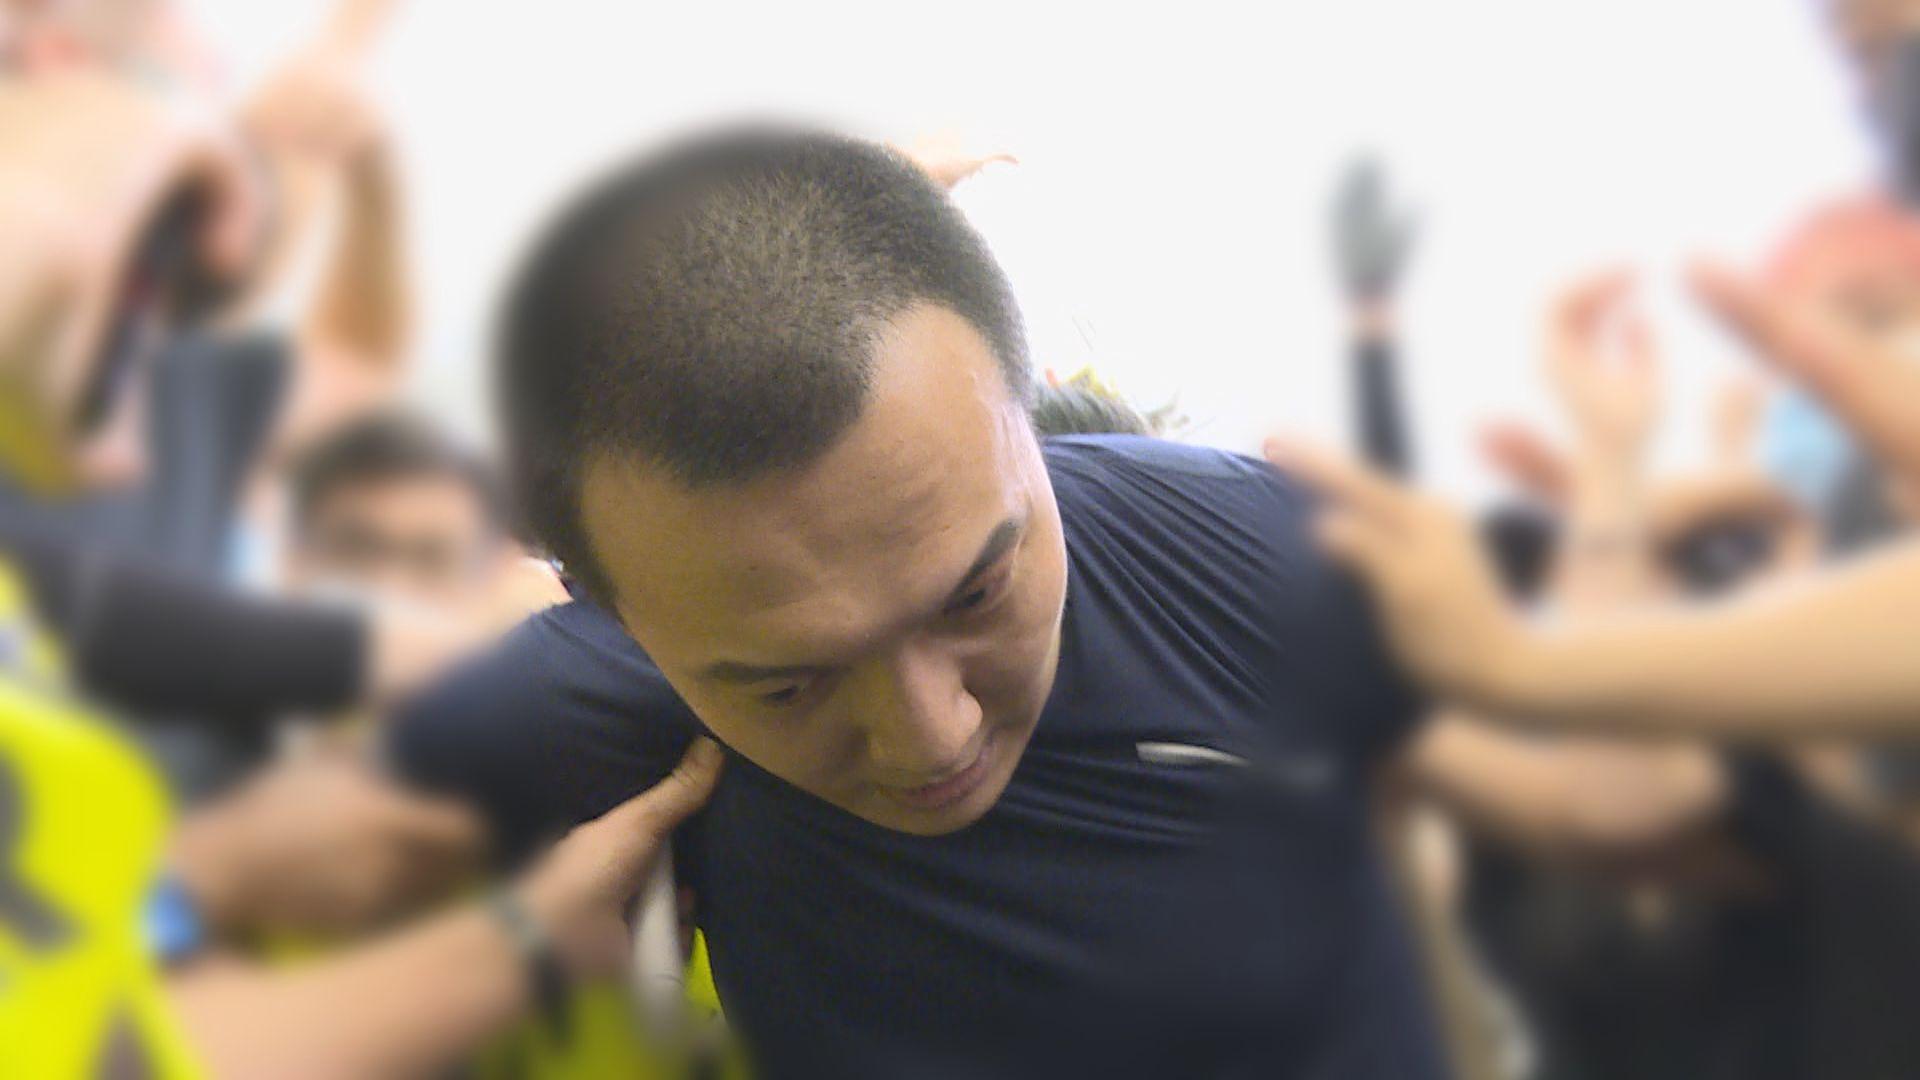 機場反修例集會內地男遭包圍 三人暴動罪成周五判刑